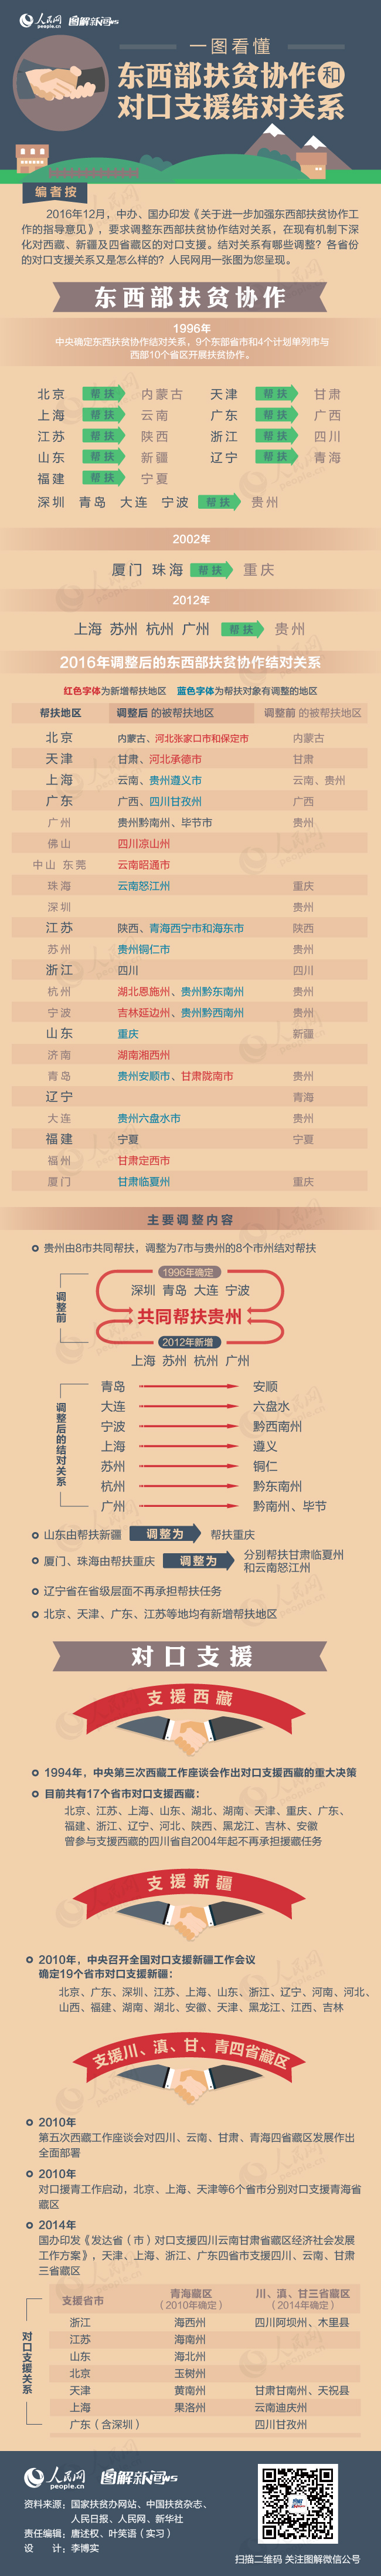 2017年河北公务员考试时政